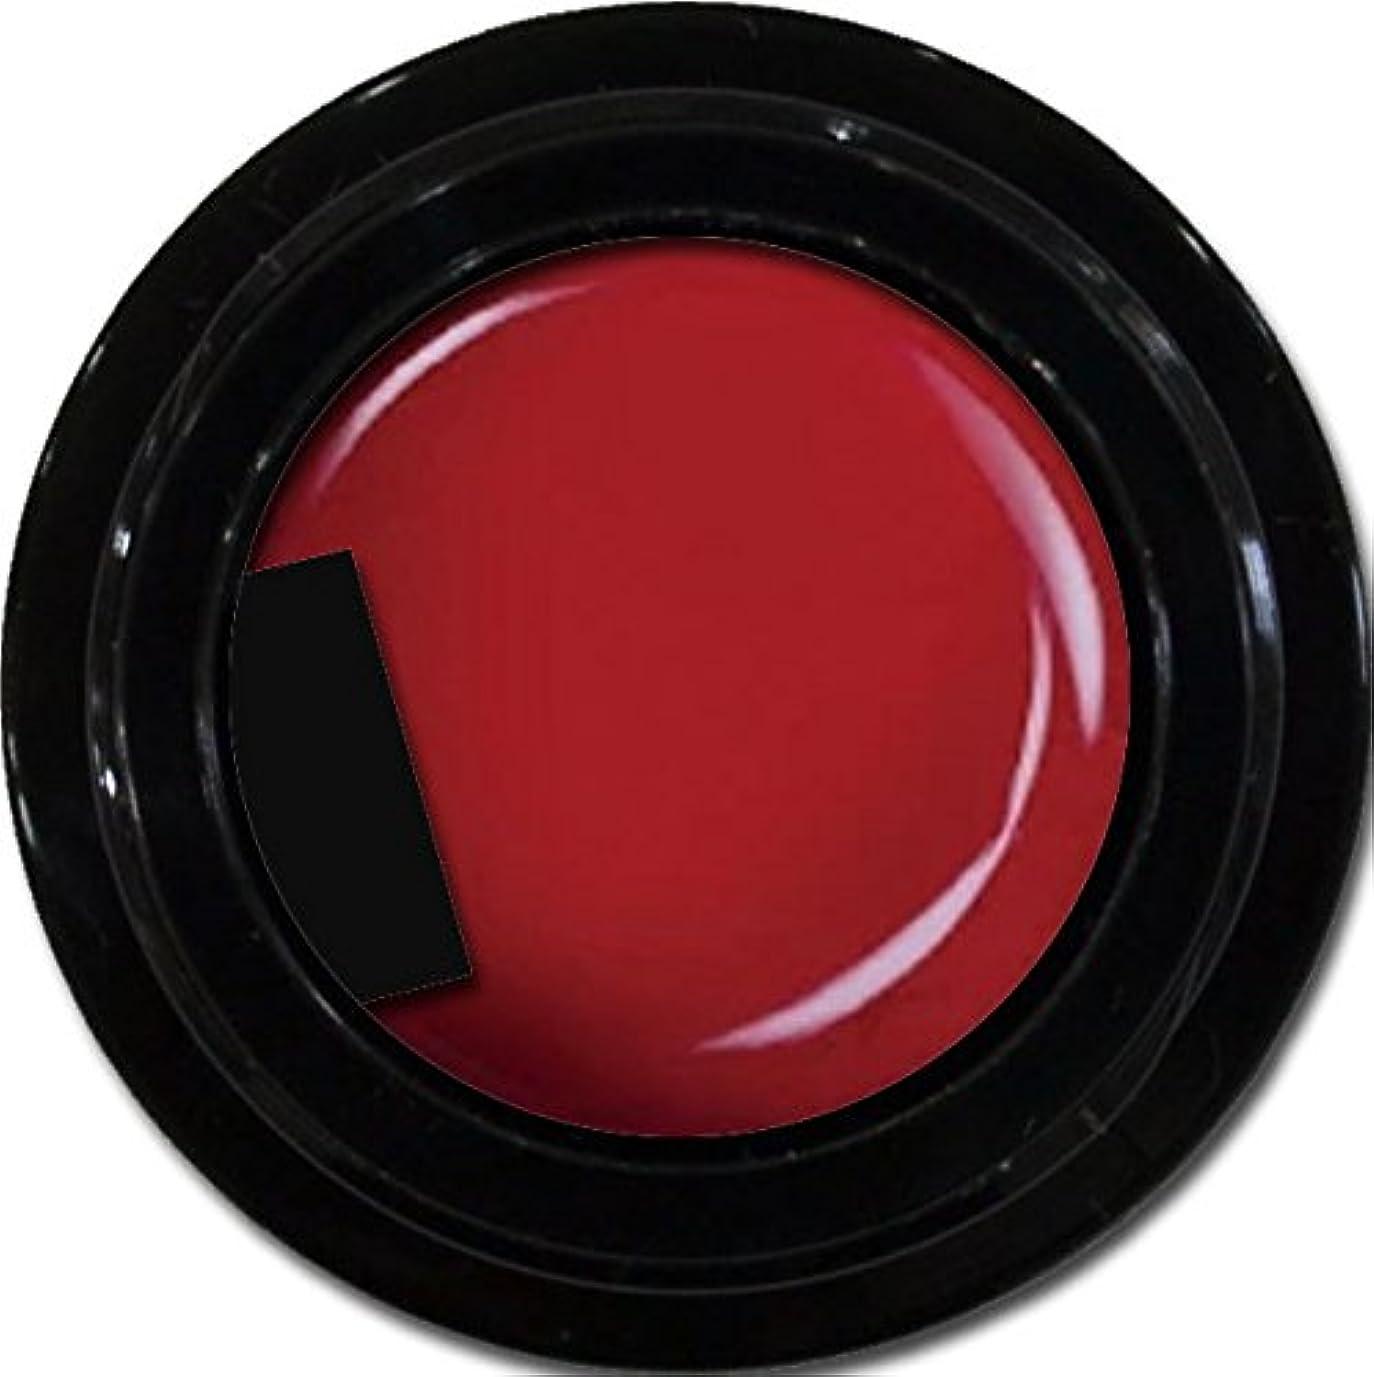 アダルト反射仮定カラージェル enchant color gel M401 ShinyRed 3g/ マットカラージェル M401 シャイニーレッド 3グラム